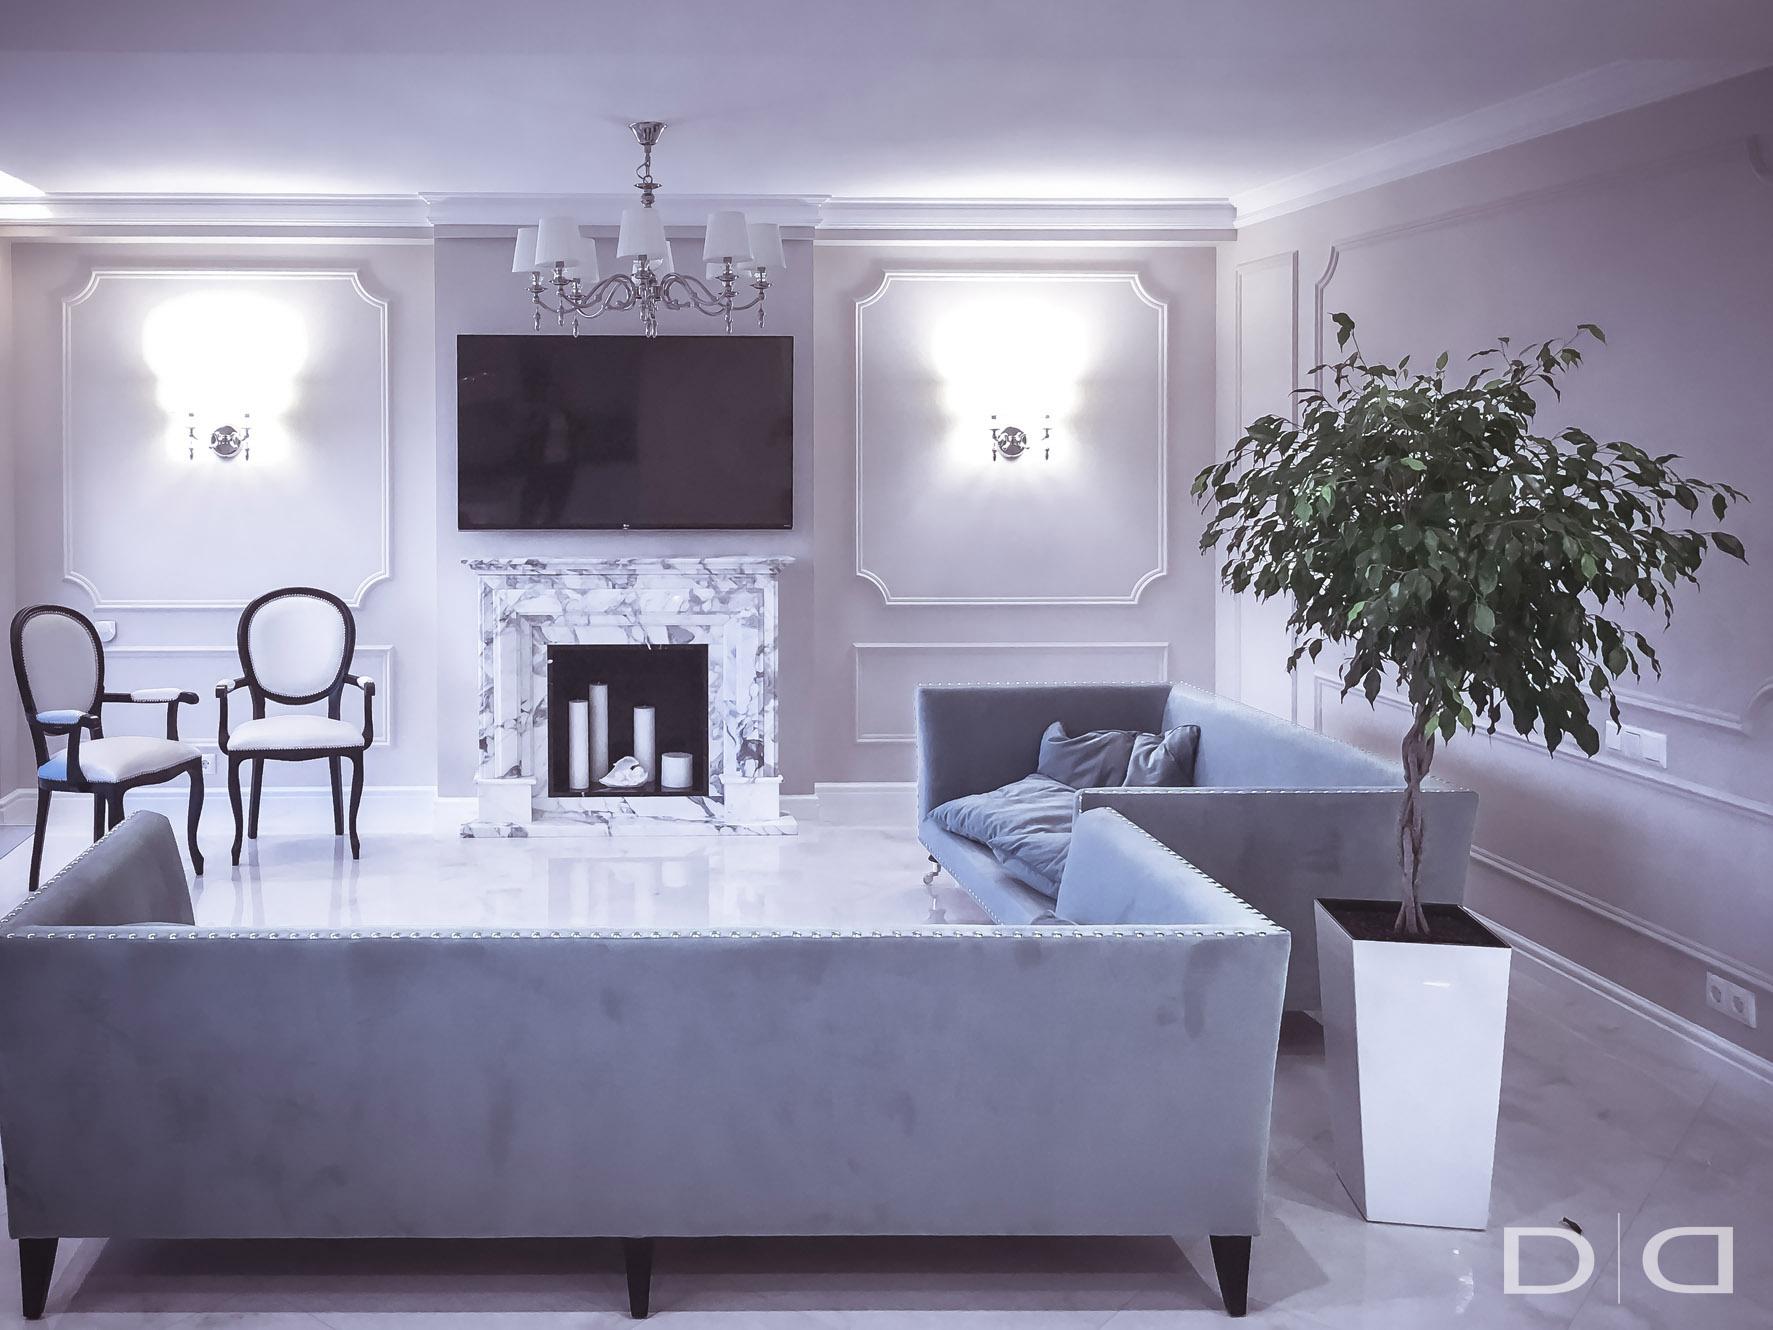 104_dd-interior_studio_design_project_minsk_009-8